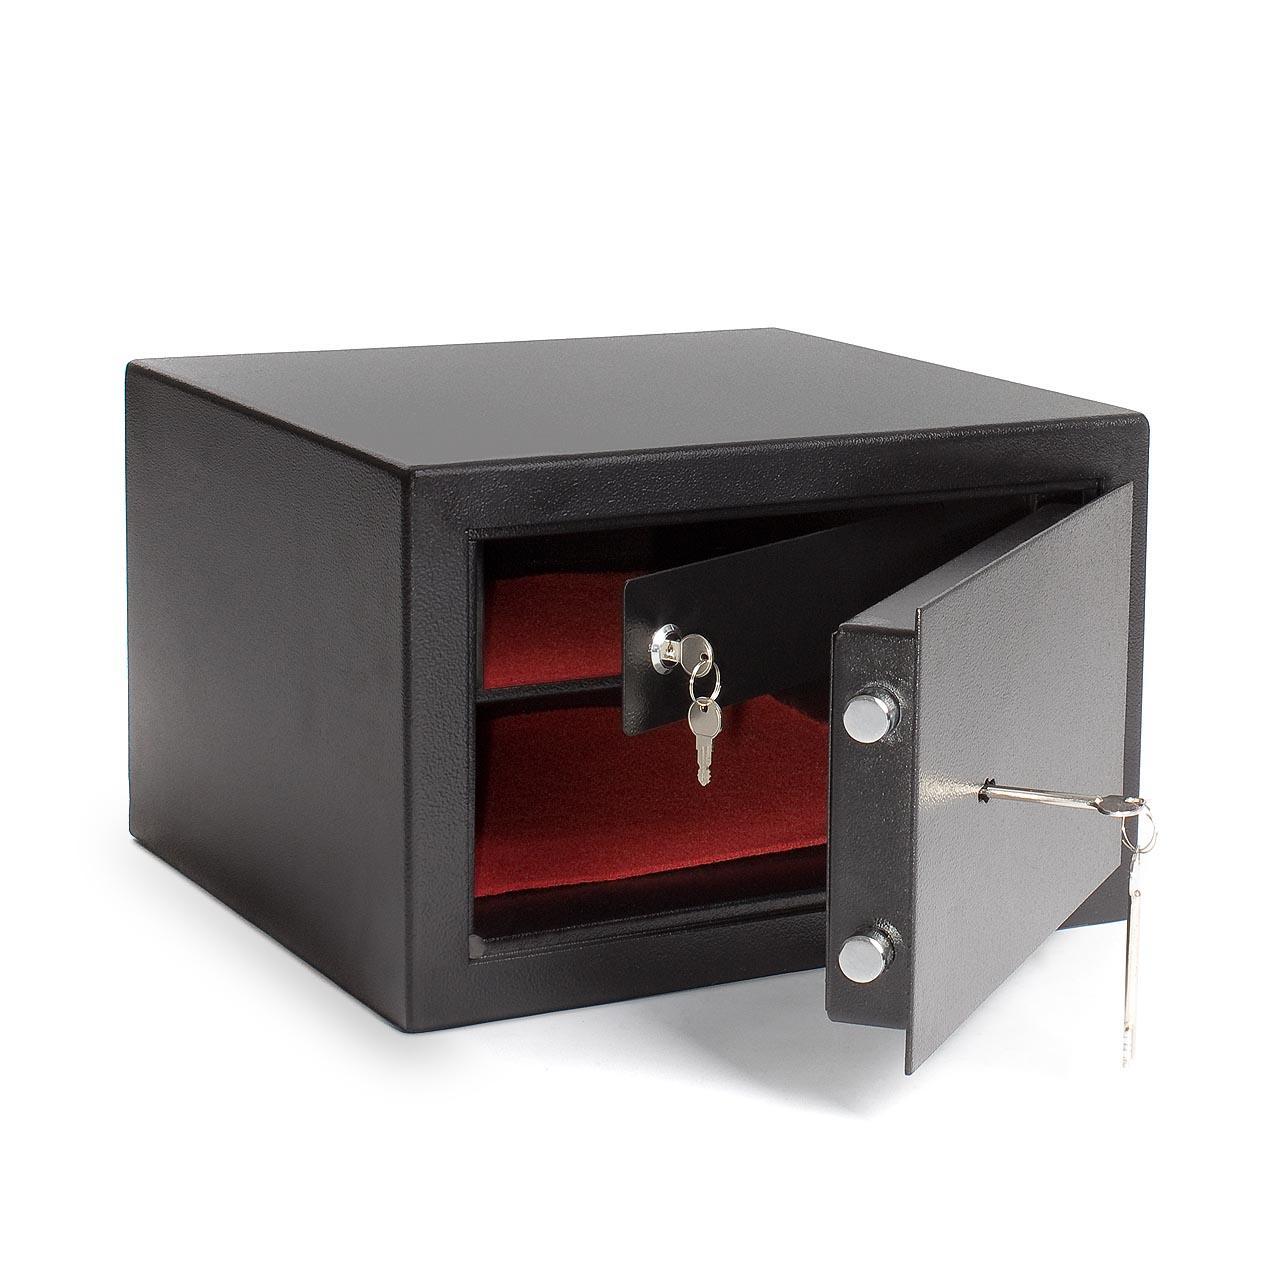 Waffenschrank Gebraucht Ebay : tresor m beltresor waffenschrank geldschrank wandschrank ~ A.2002-acura-tl-radio.info Haus und Dekorationen